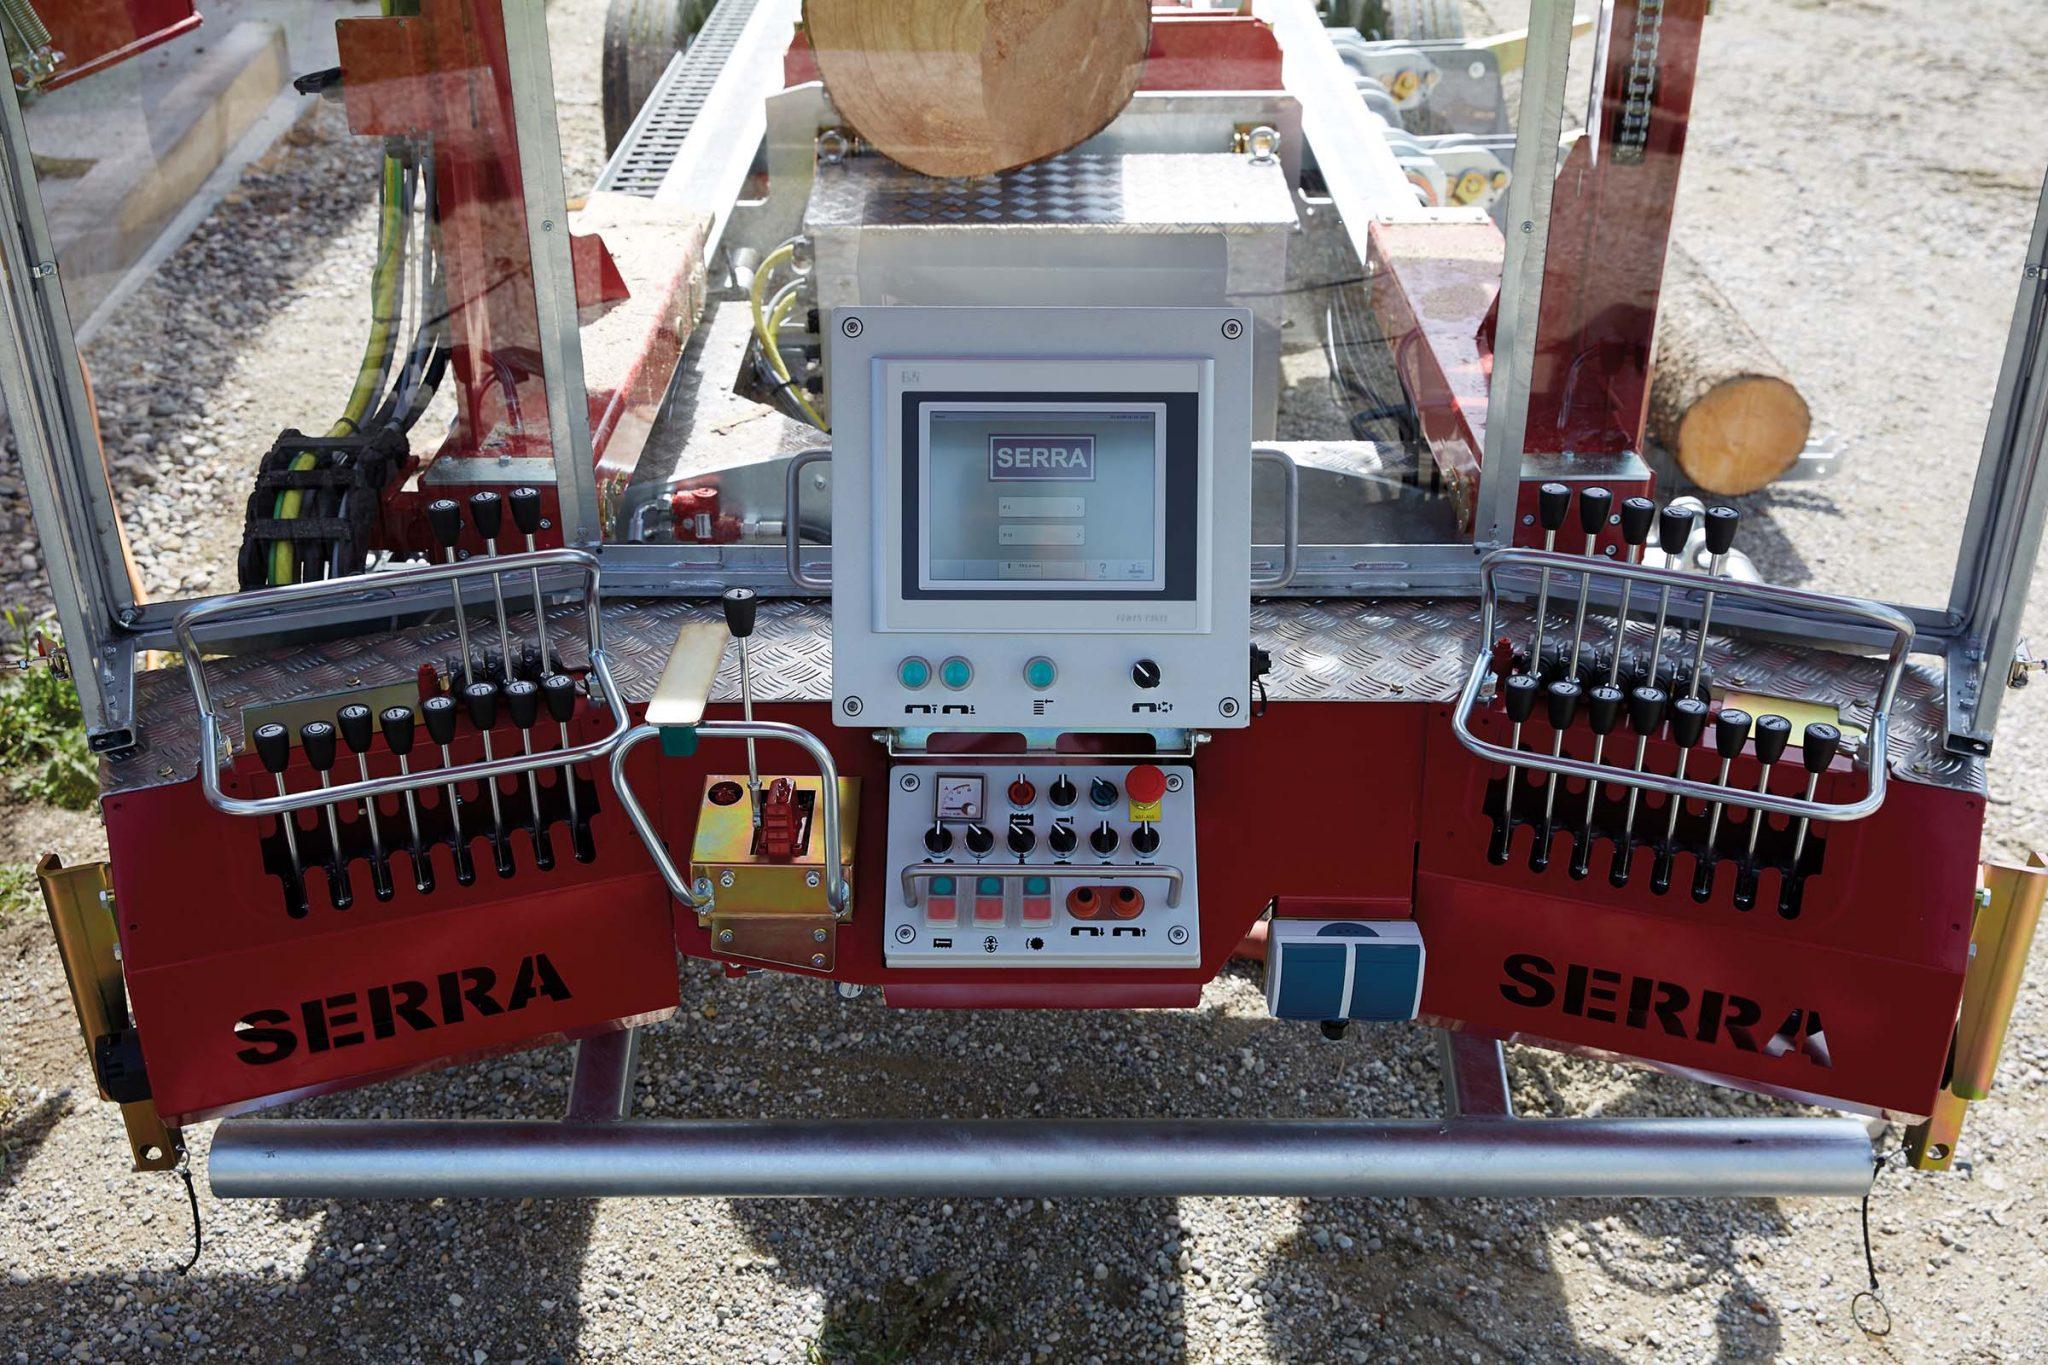 SERRA-Bedienung-V-Cockpit-mobil-Maxi-Live1-scaled Operators stands